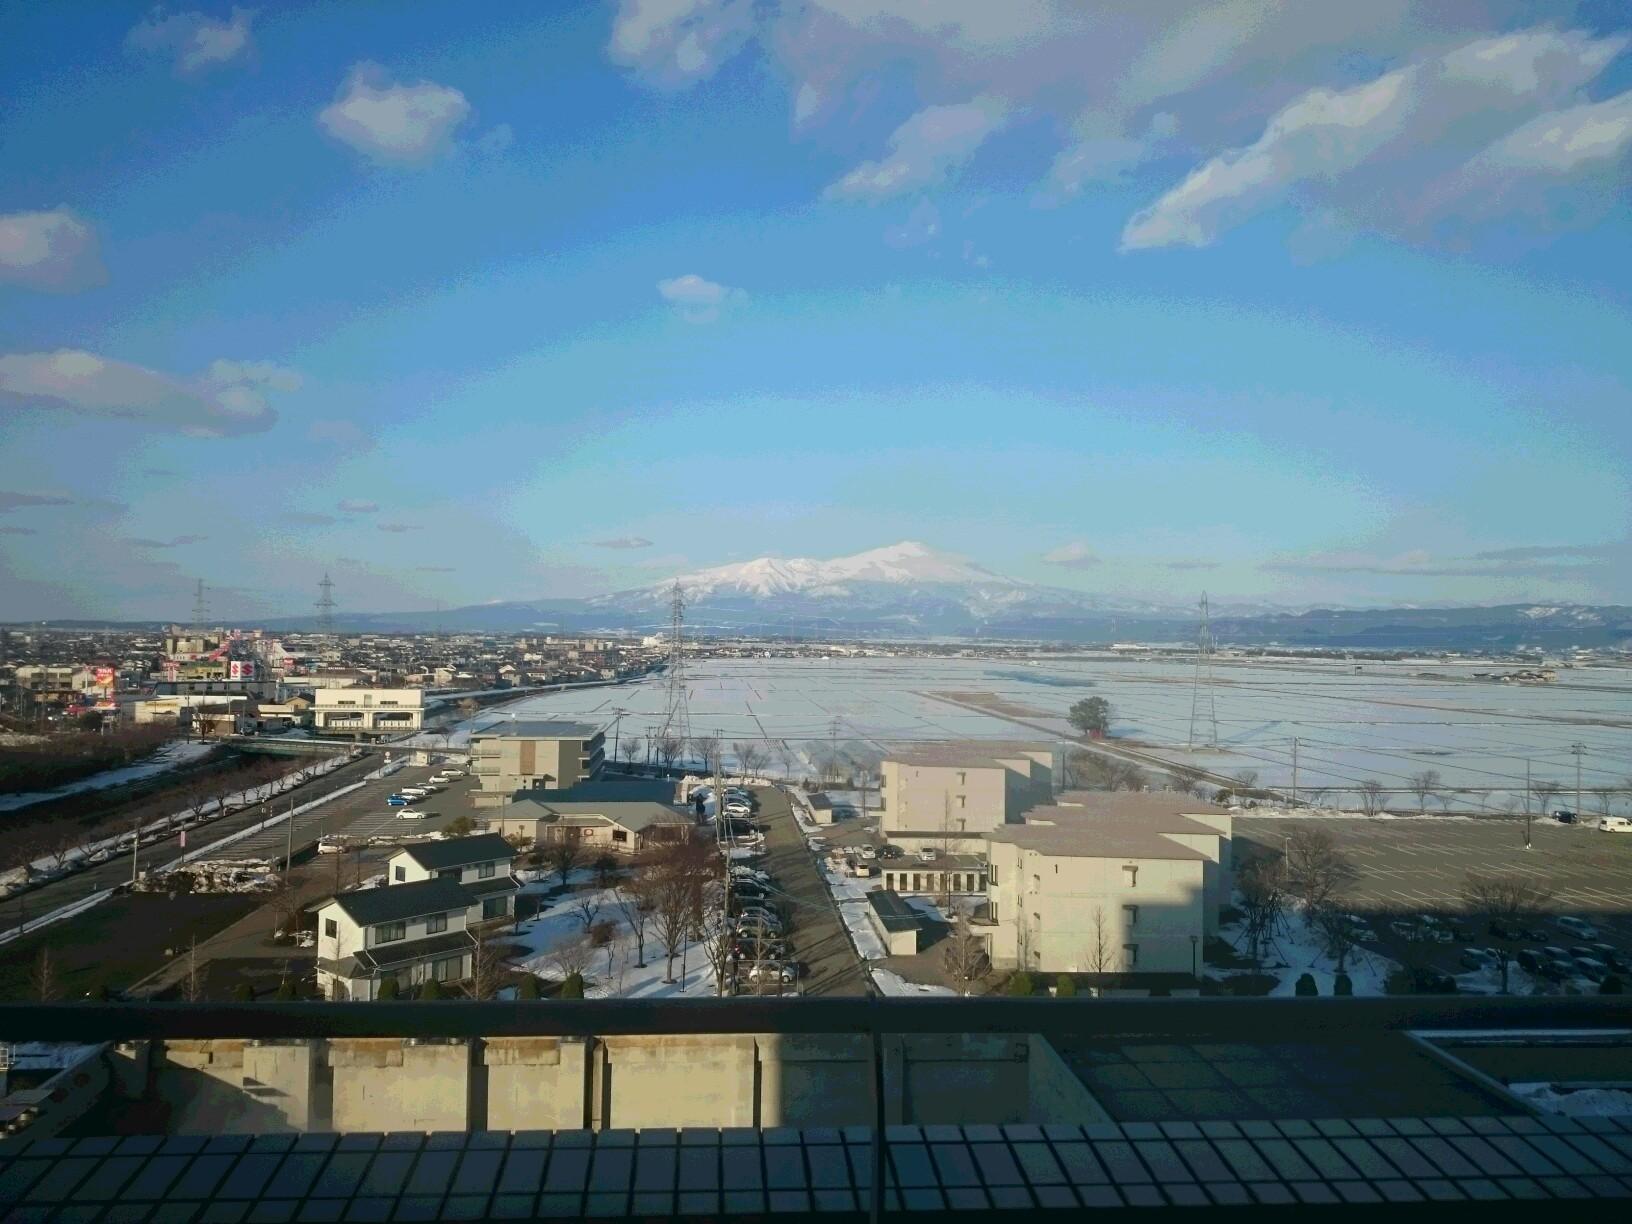 絶景! 鳥海山